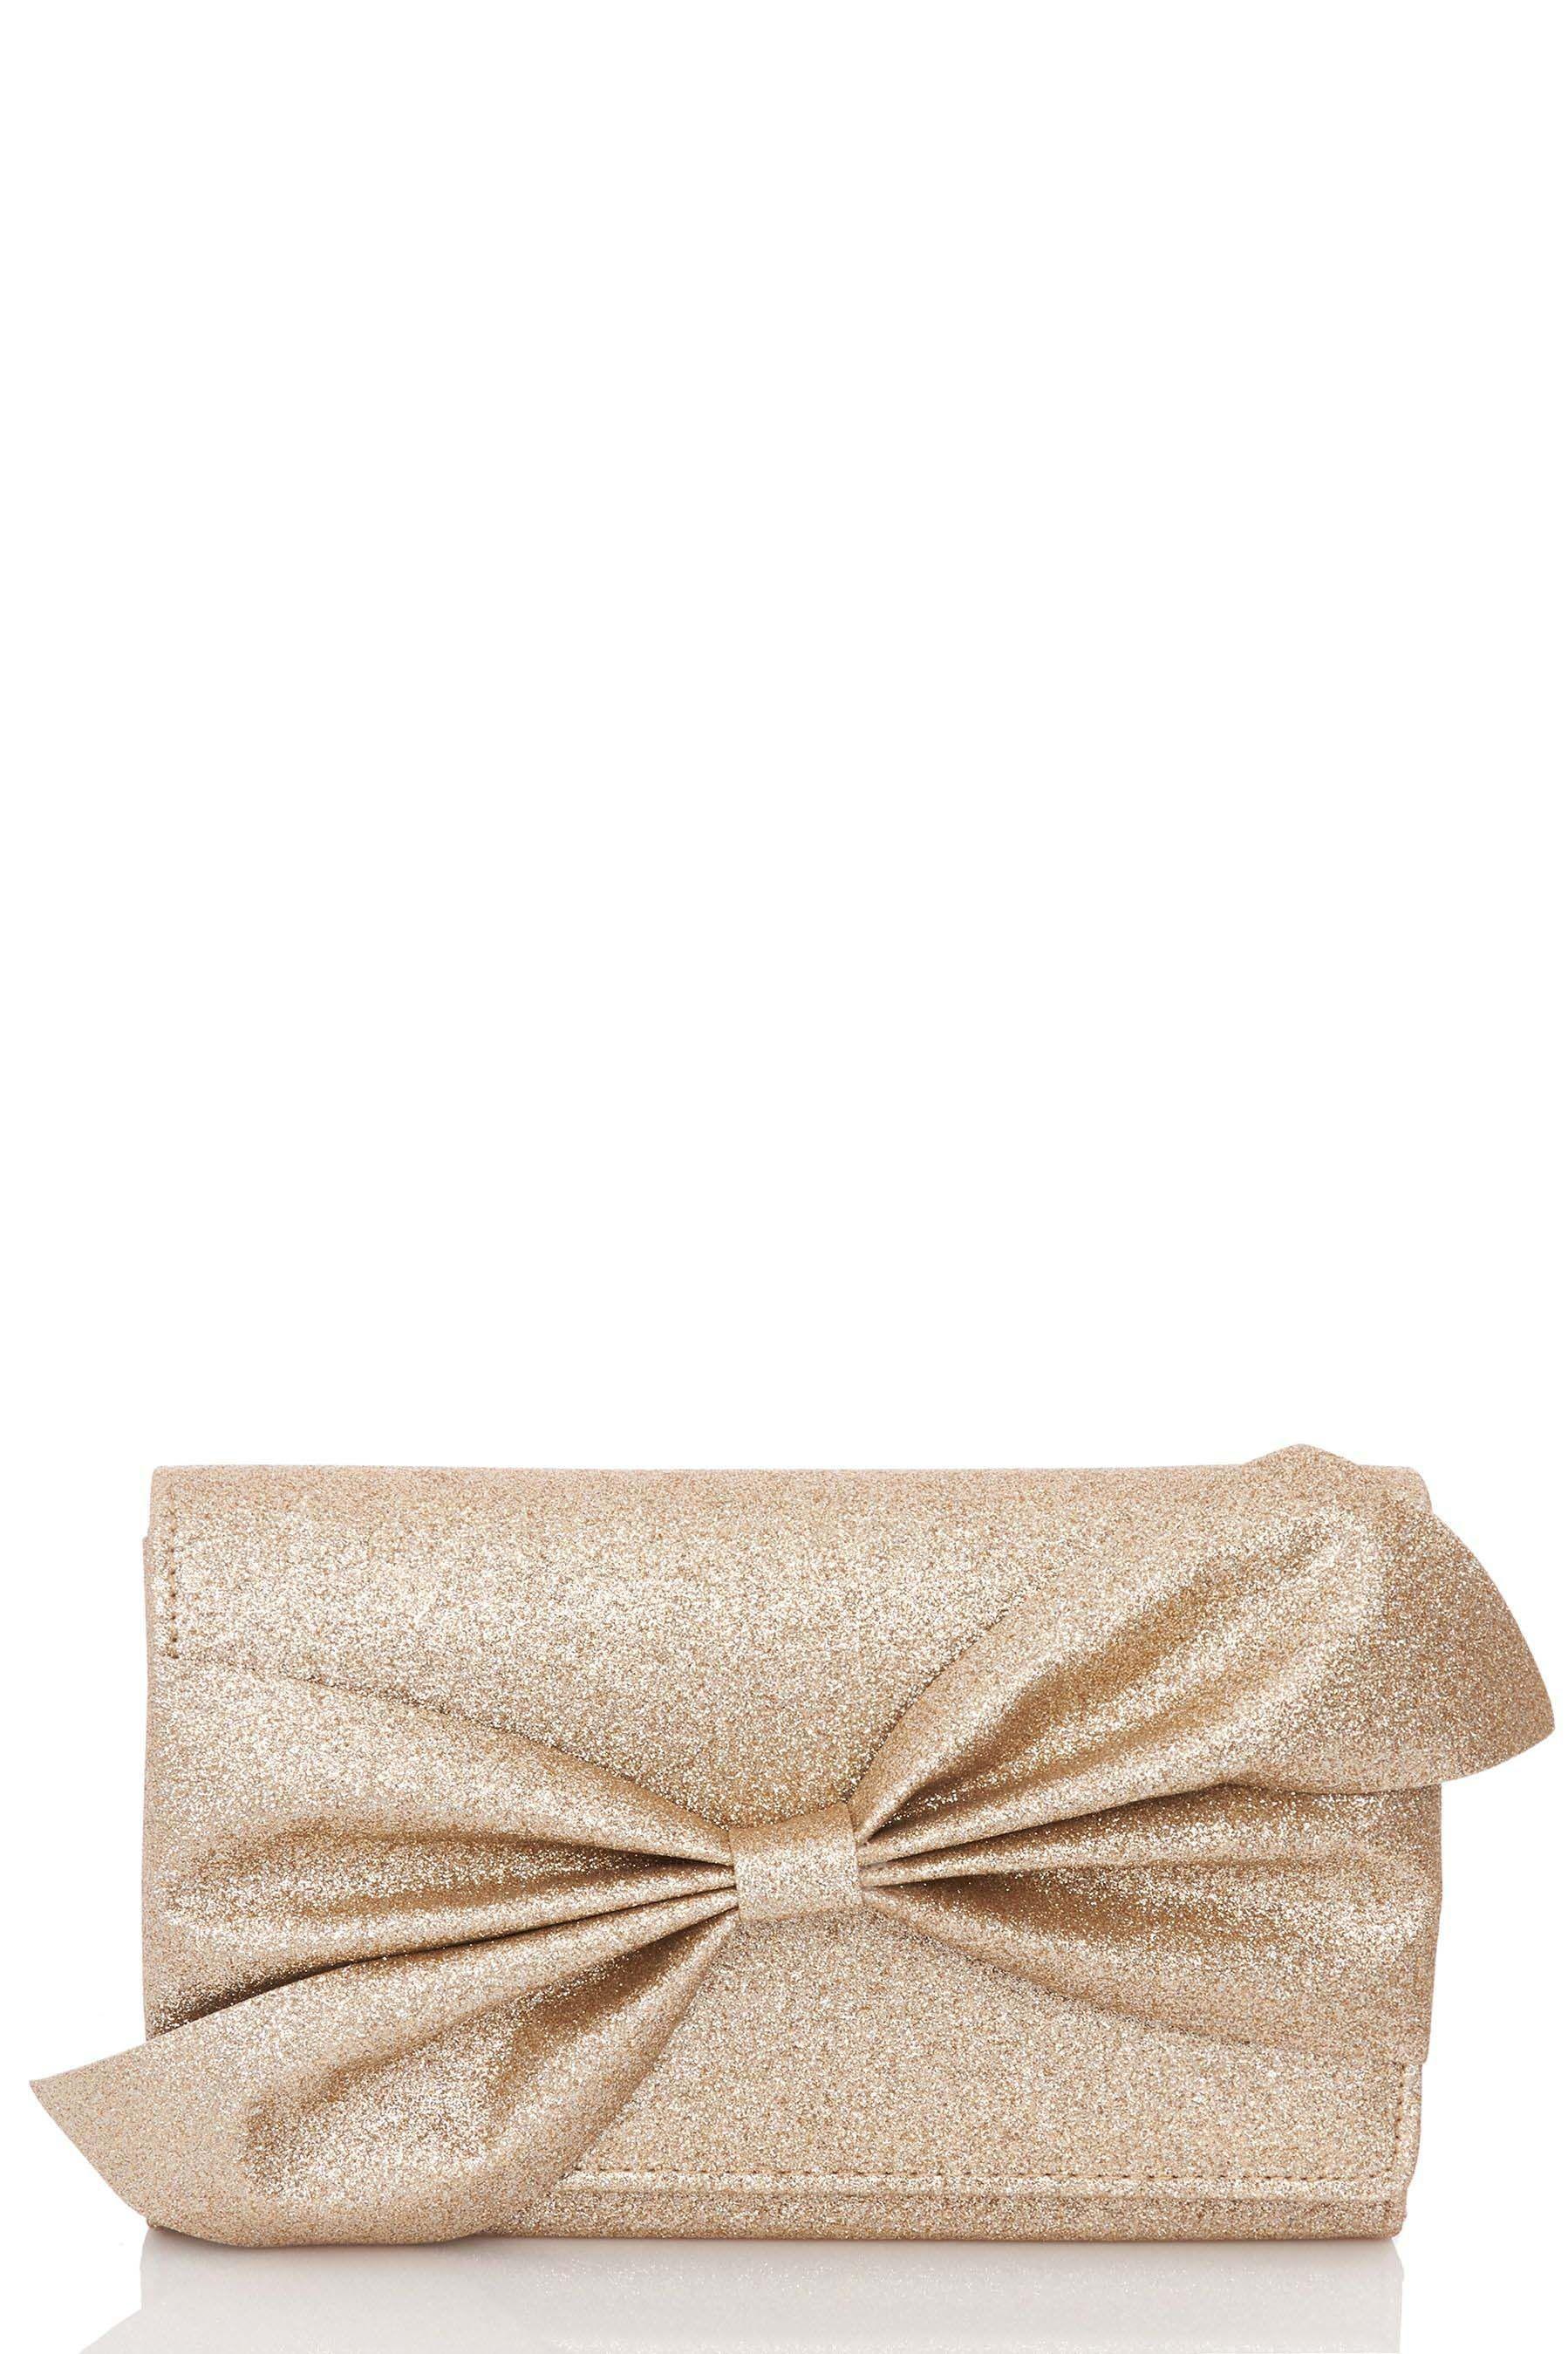 f0a2f09db06 Womens Quiz Glitter Bow Clutch Bag - Gold | Products | Glitter ...